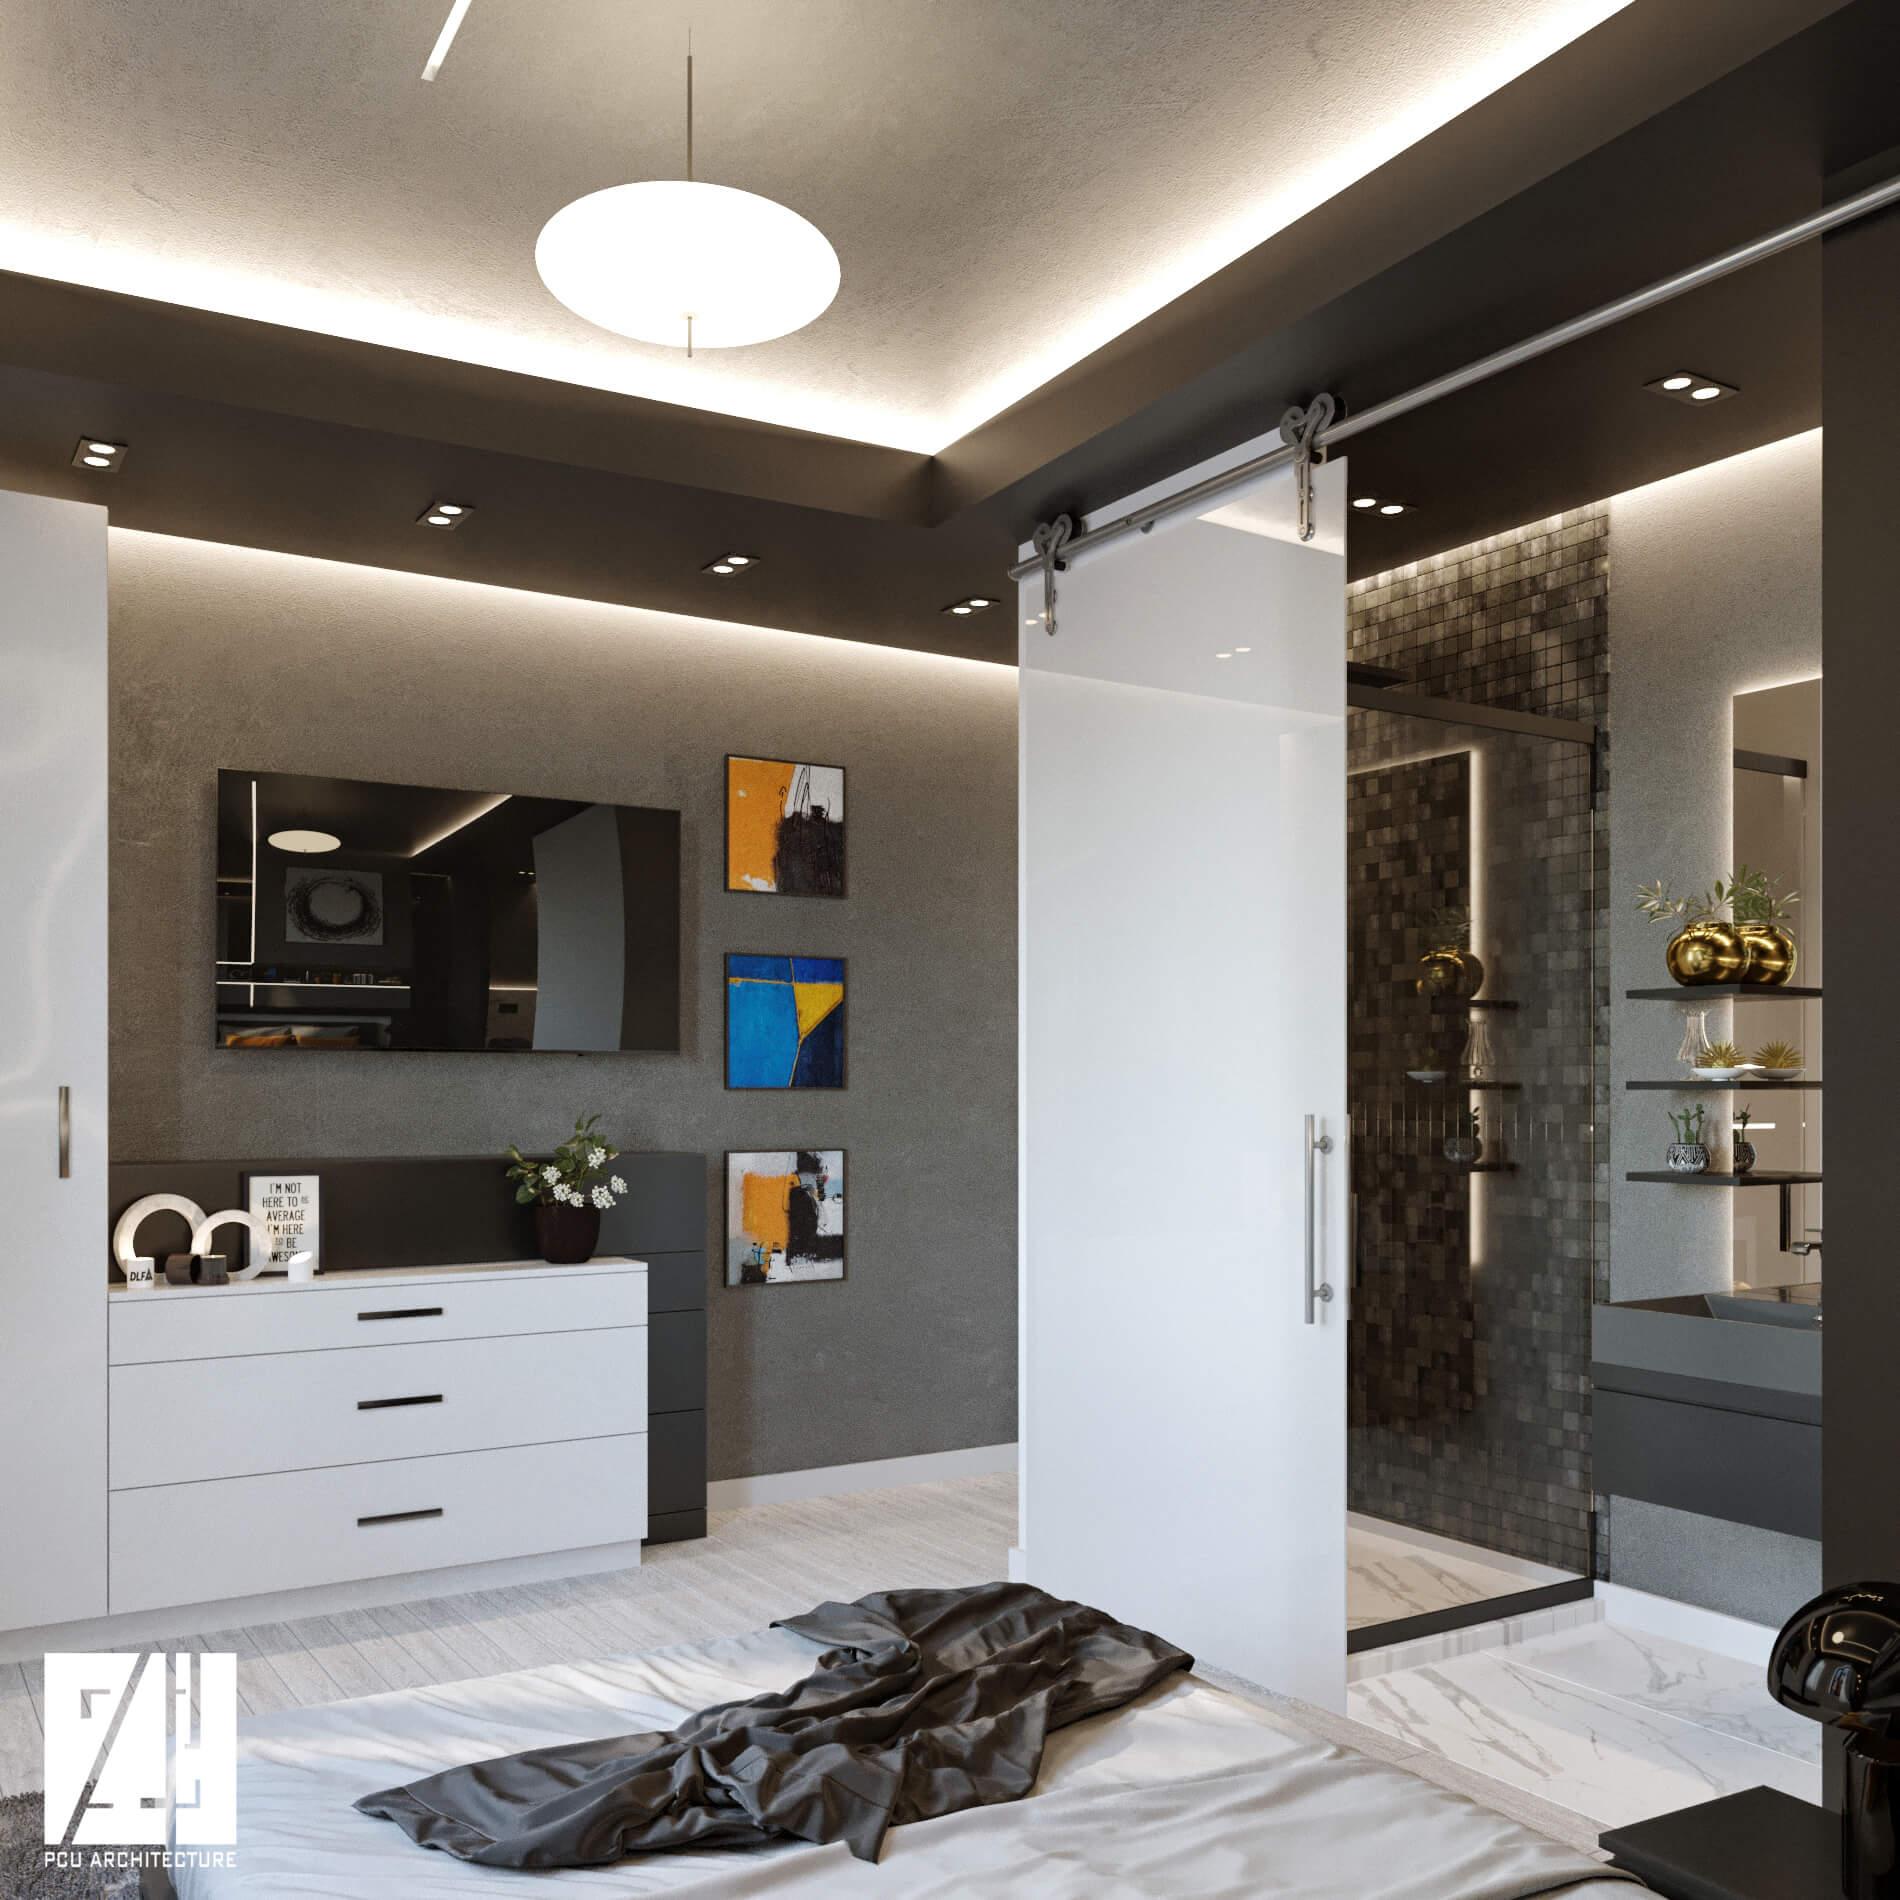 02_DI_APARTAMENT 2_Dormitor_5